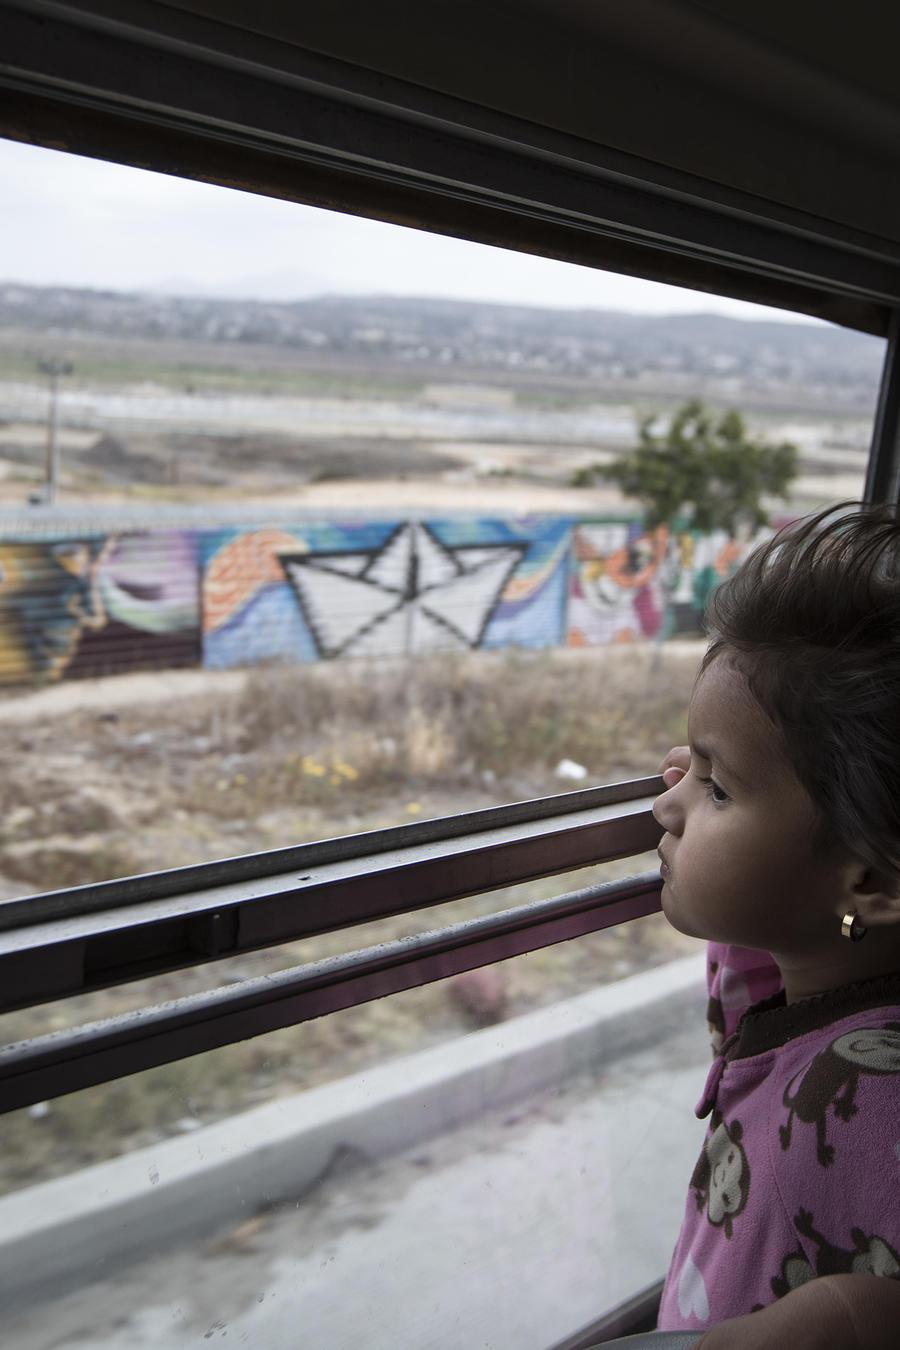 Una niña migrante centroamericana mira el muro fronterizo en Tijuana, México, el 29 de abril de 2018.